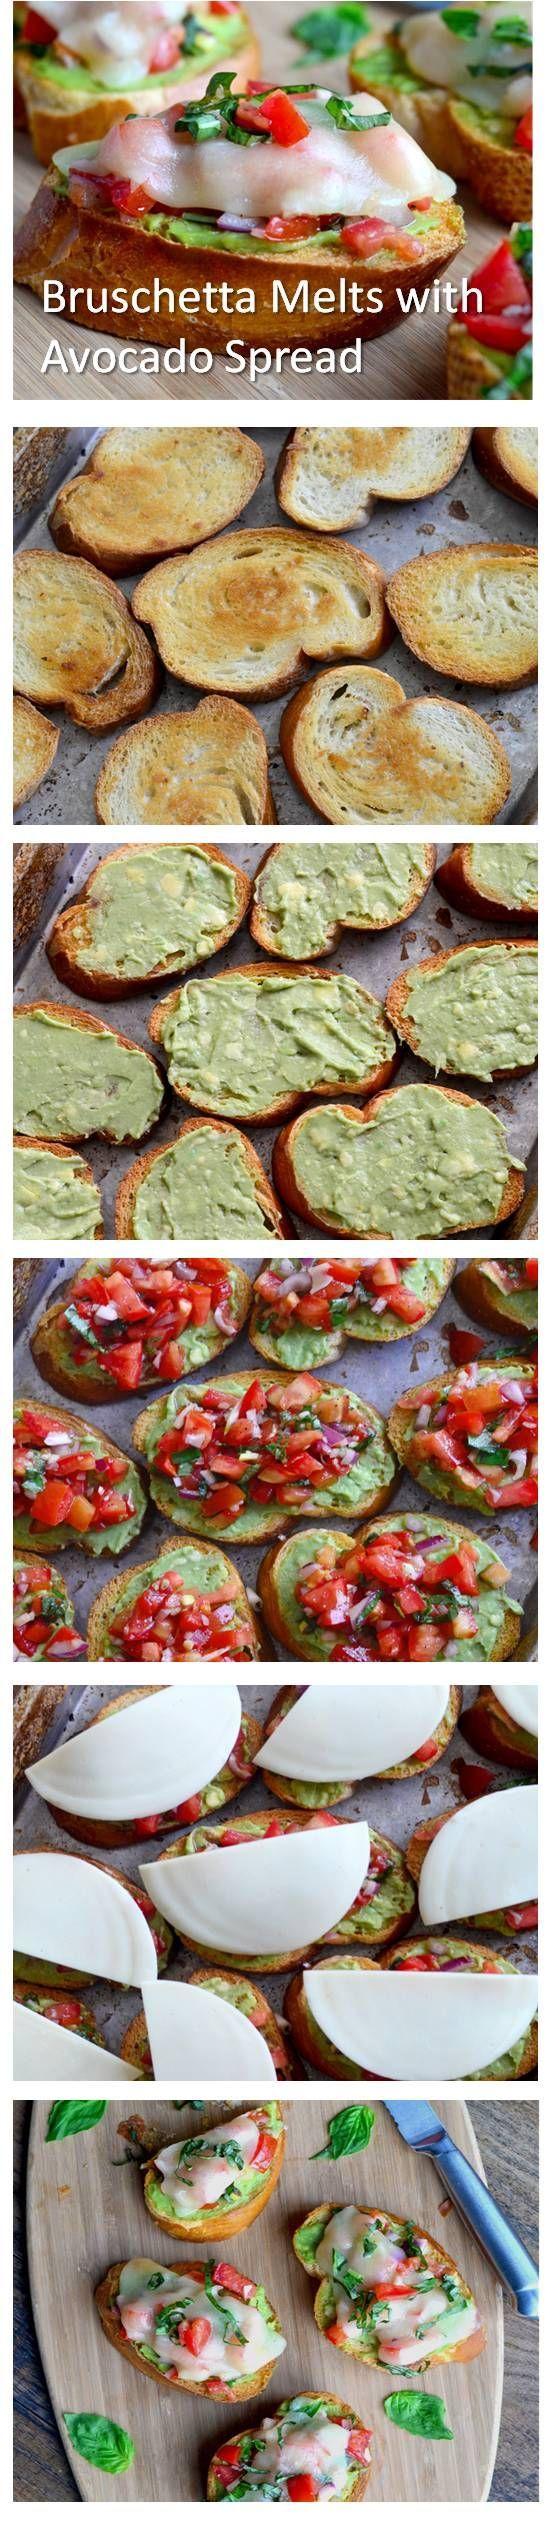 Italian Bruschetta Provolone Melts with Avocado Spread | The Spice Kit Recipes (thespicekitrecipes.com)